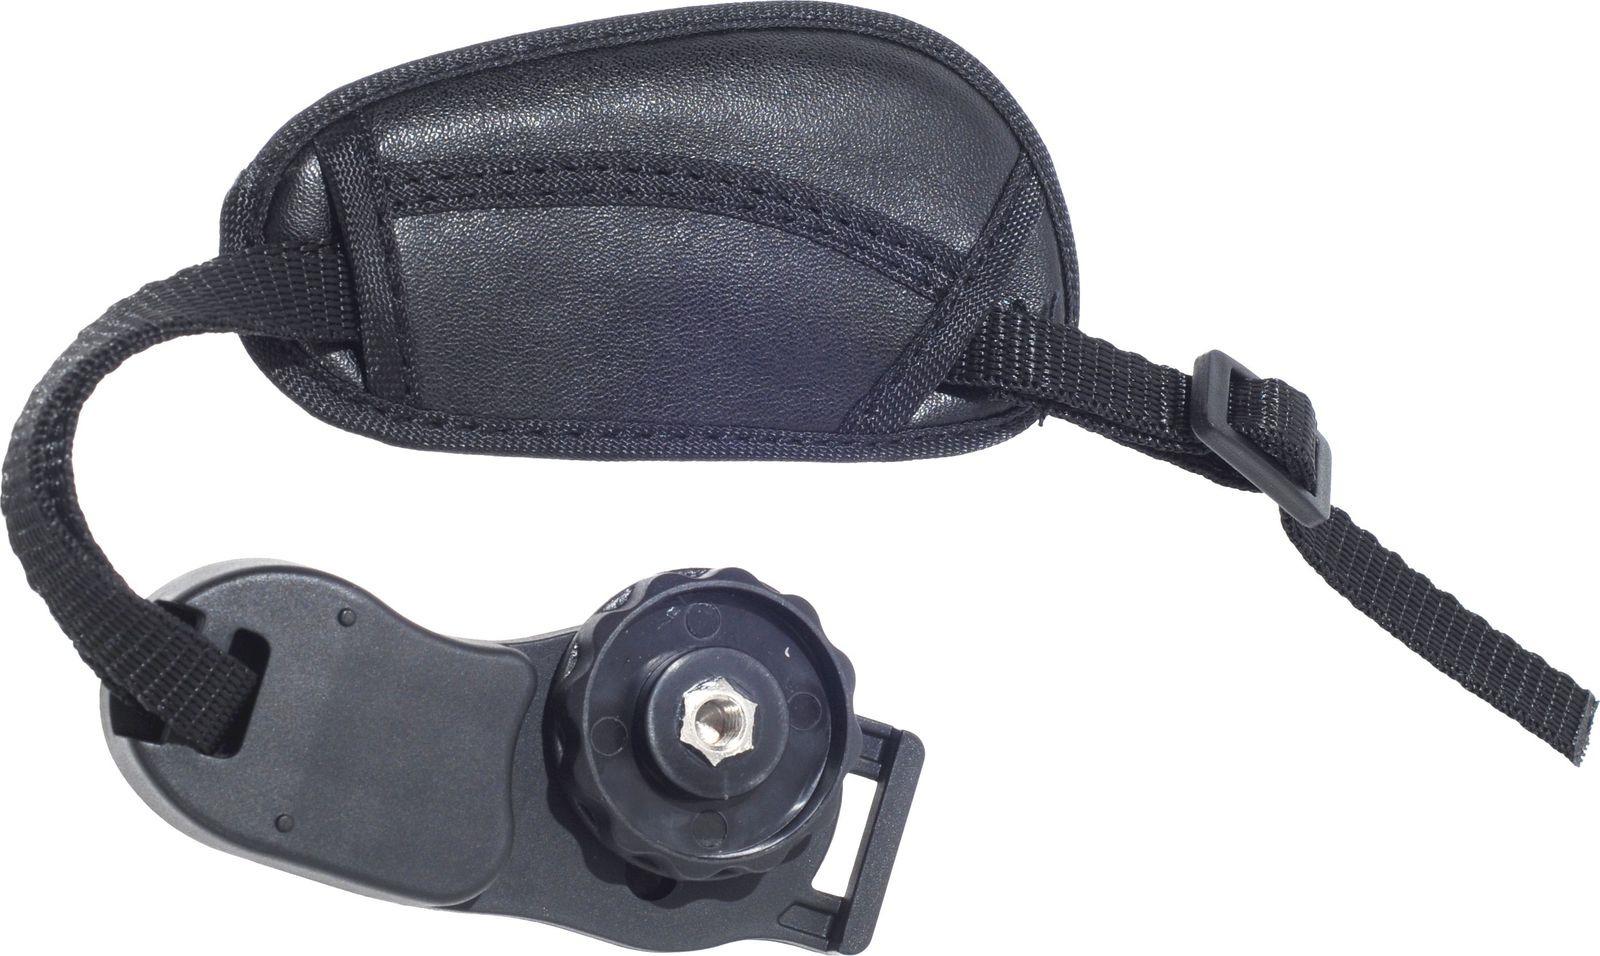 Ремень для камеры Flama FL-HS4, ручной, черный пульт flama fl 60e3 u